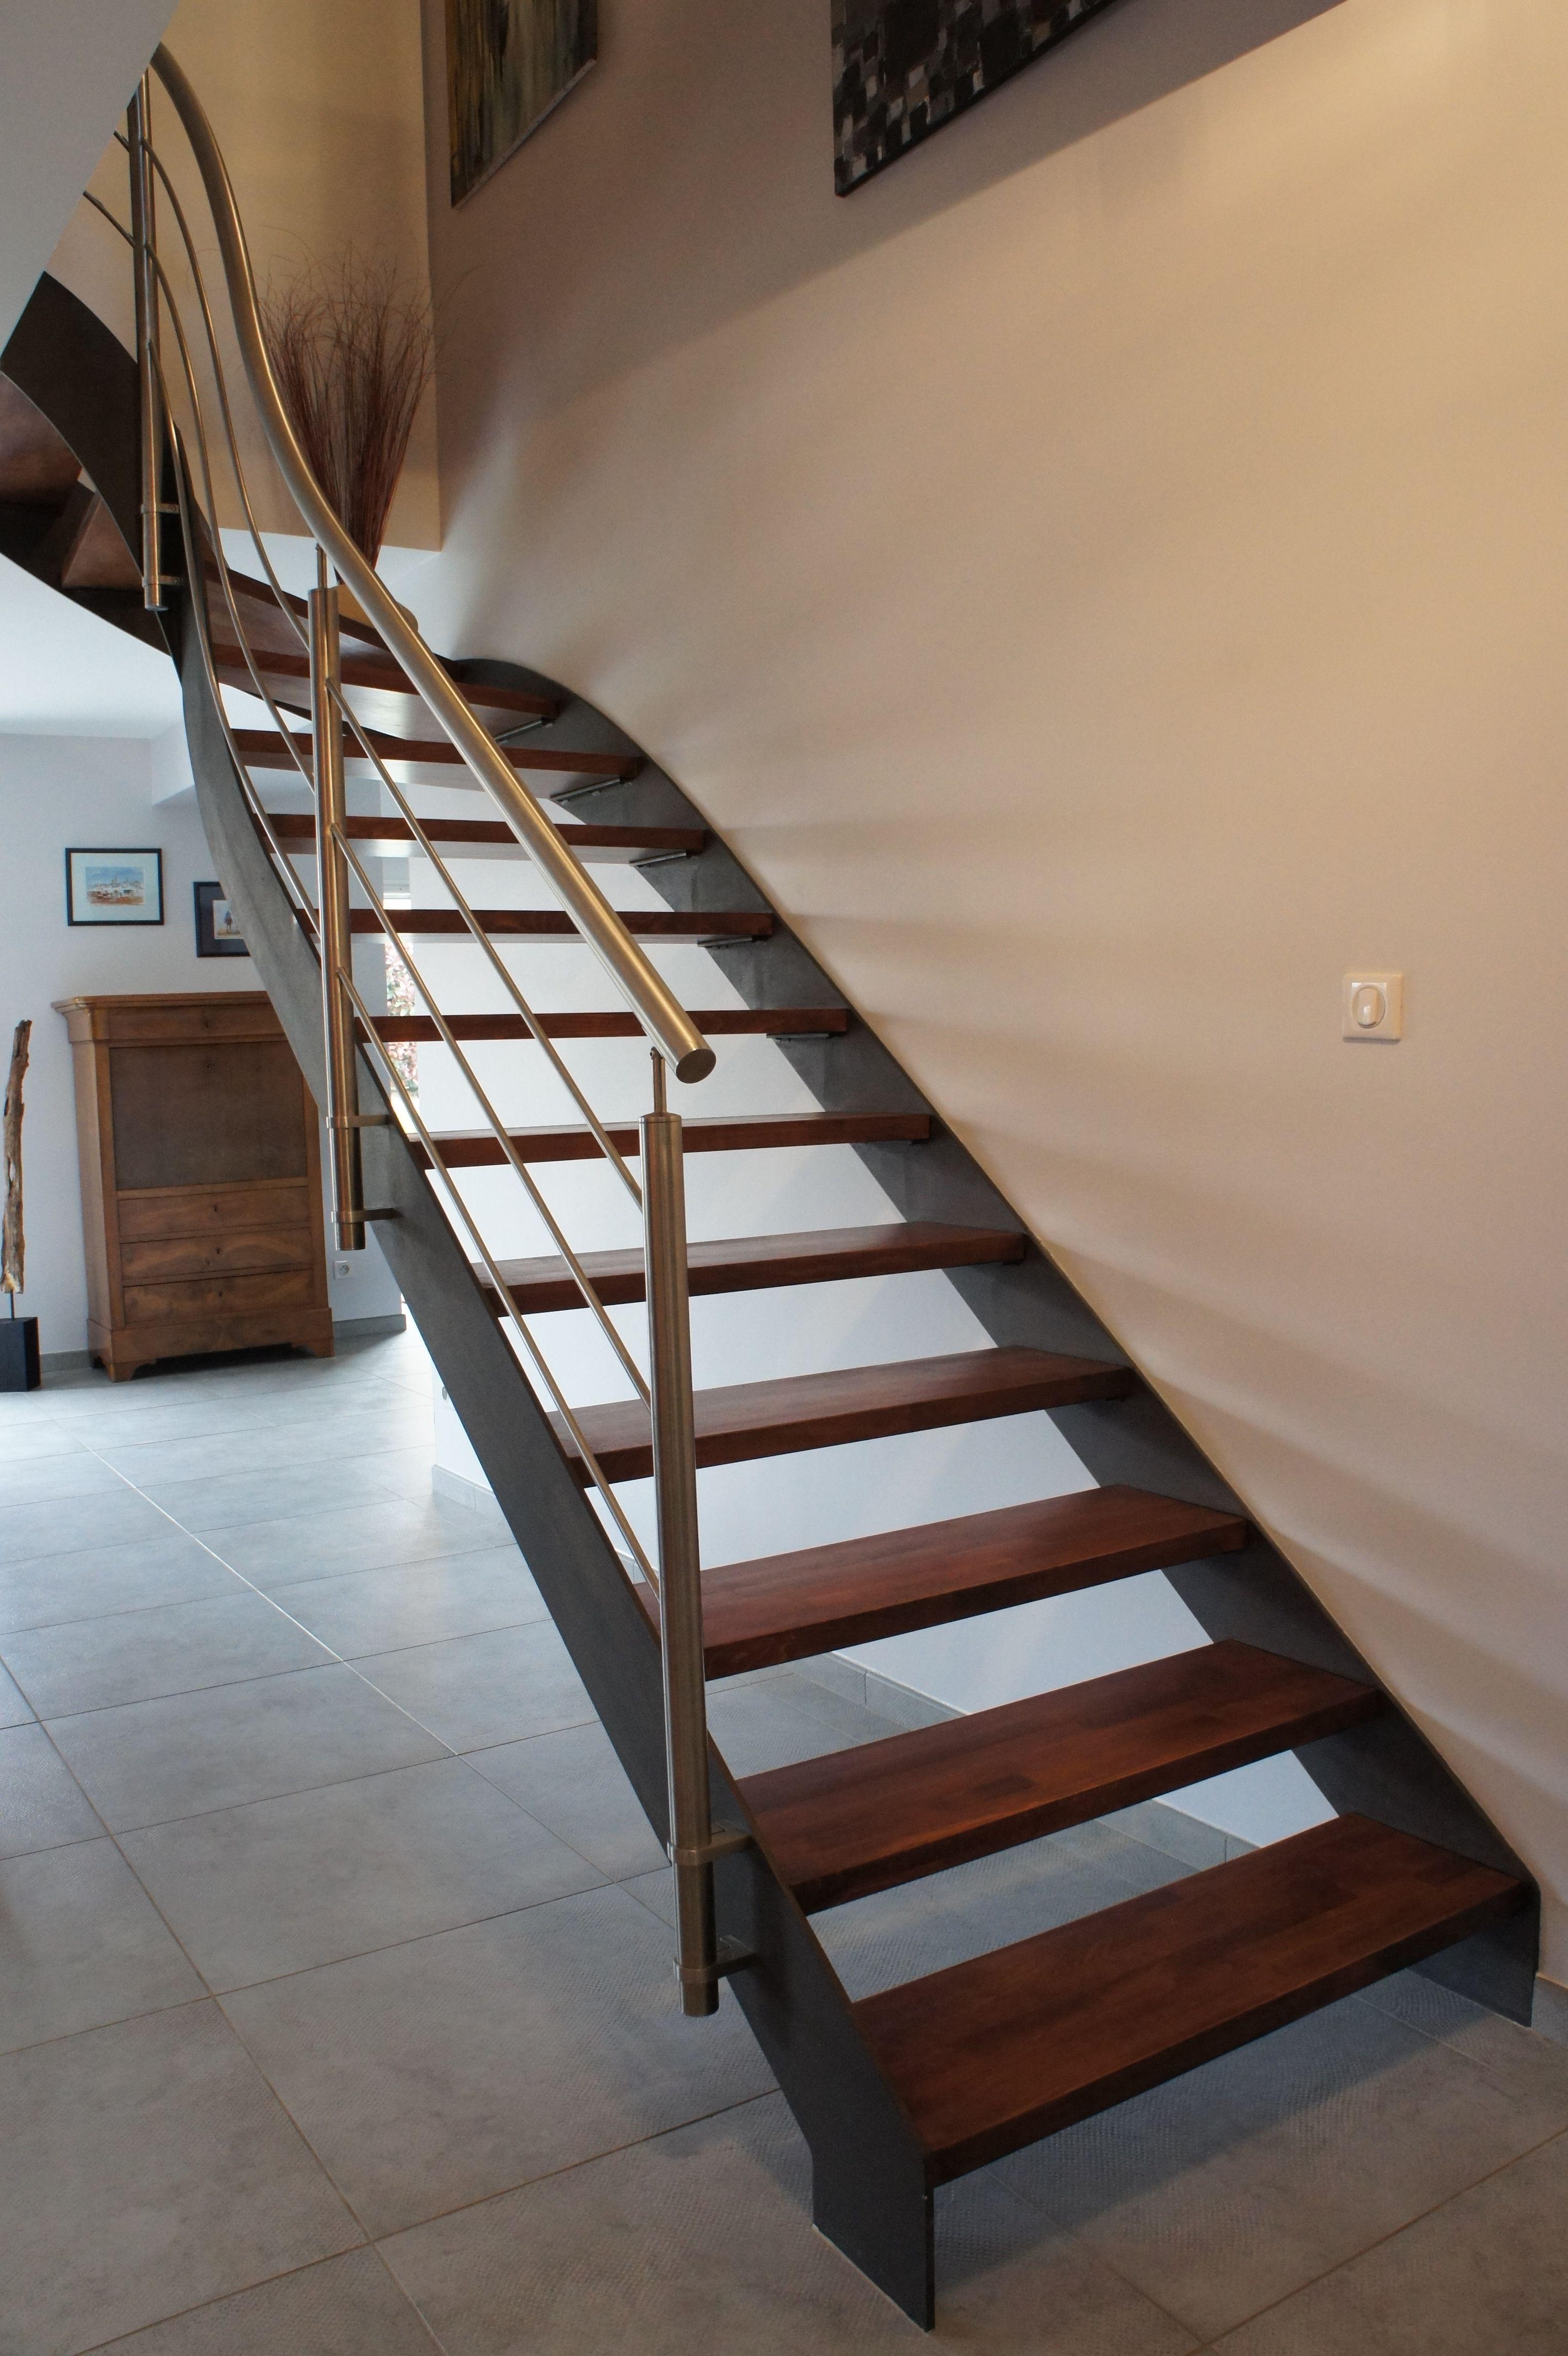 escalier avec limons lat raux la francaise peint en noir. Black Bedroom Furniture Sets. Home Design Ideas